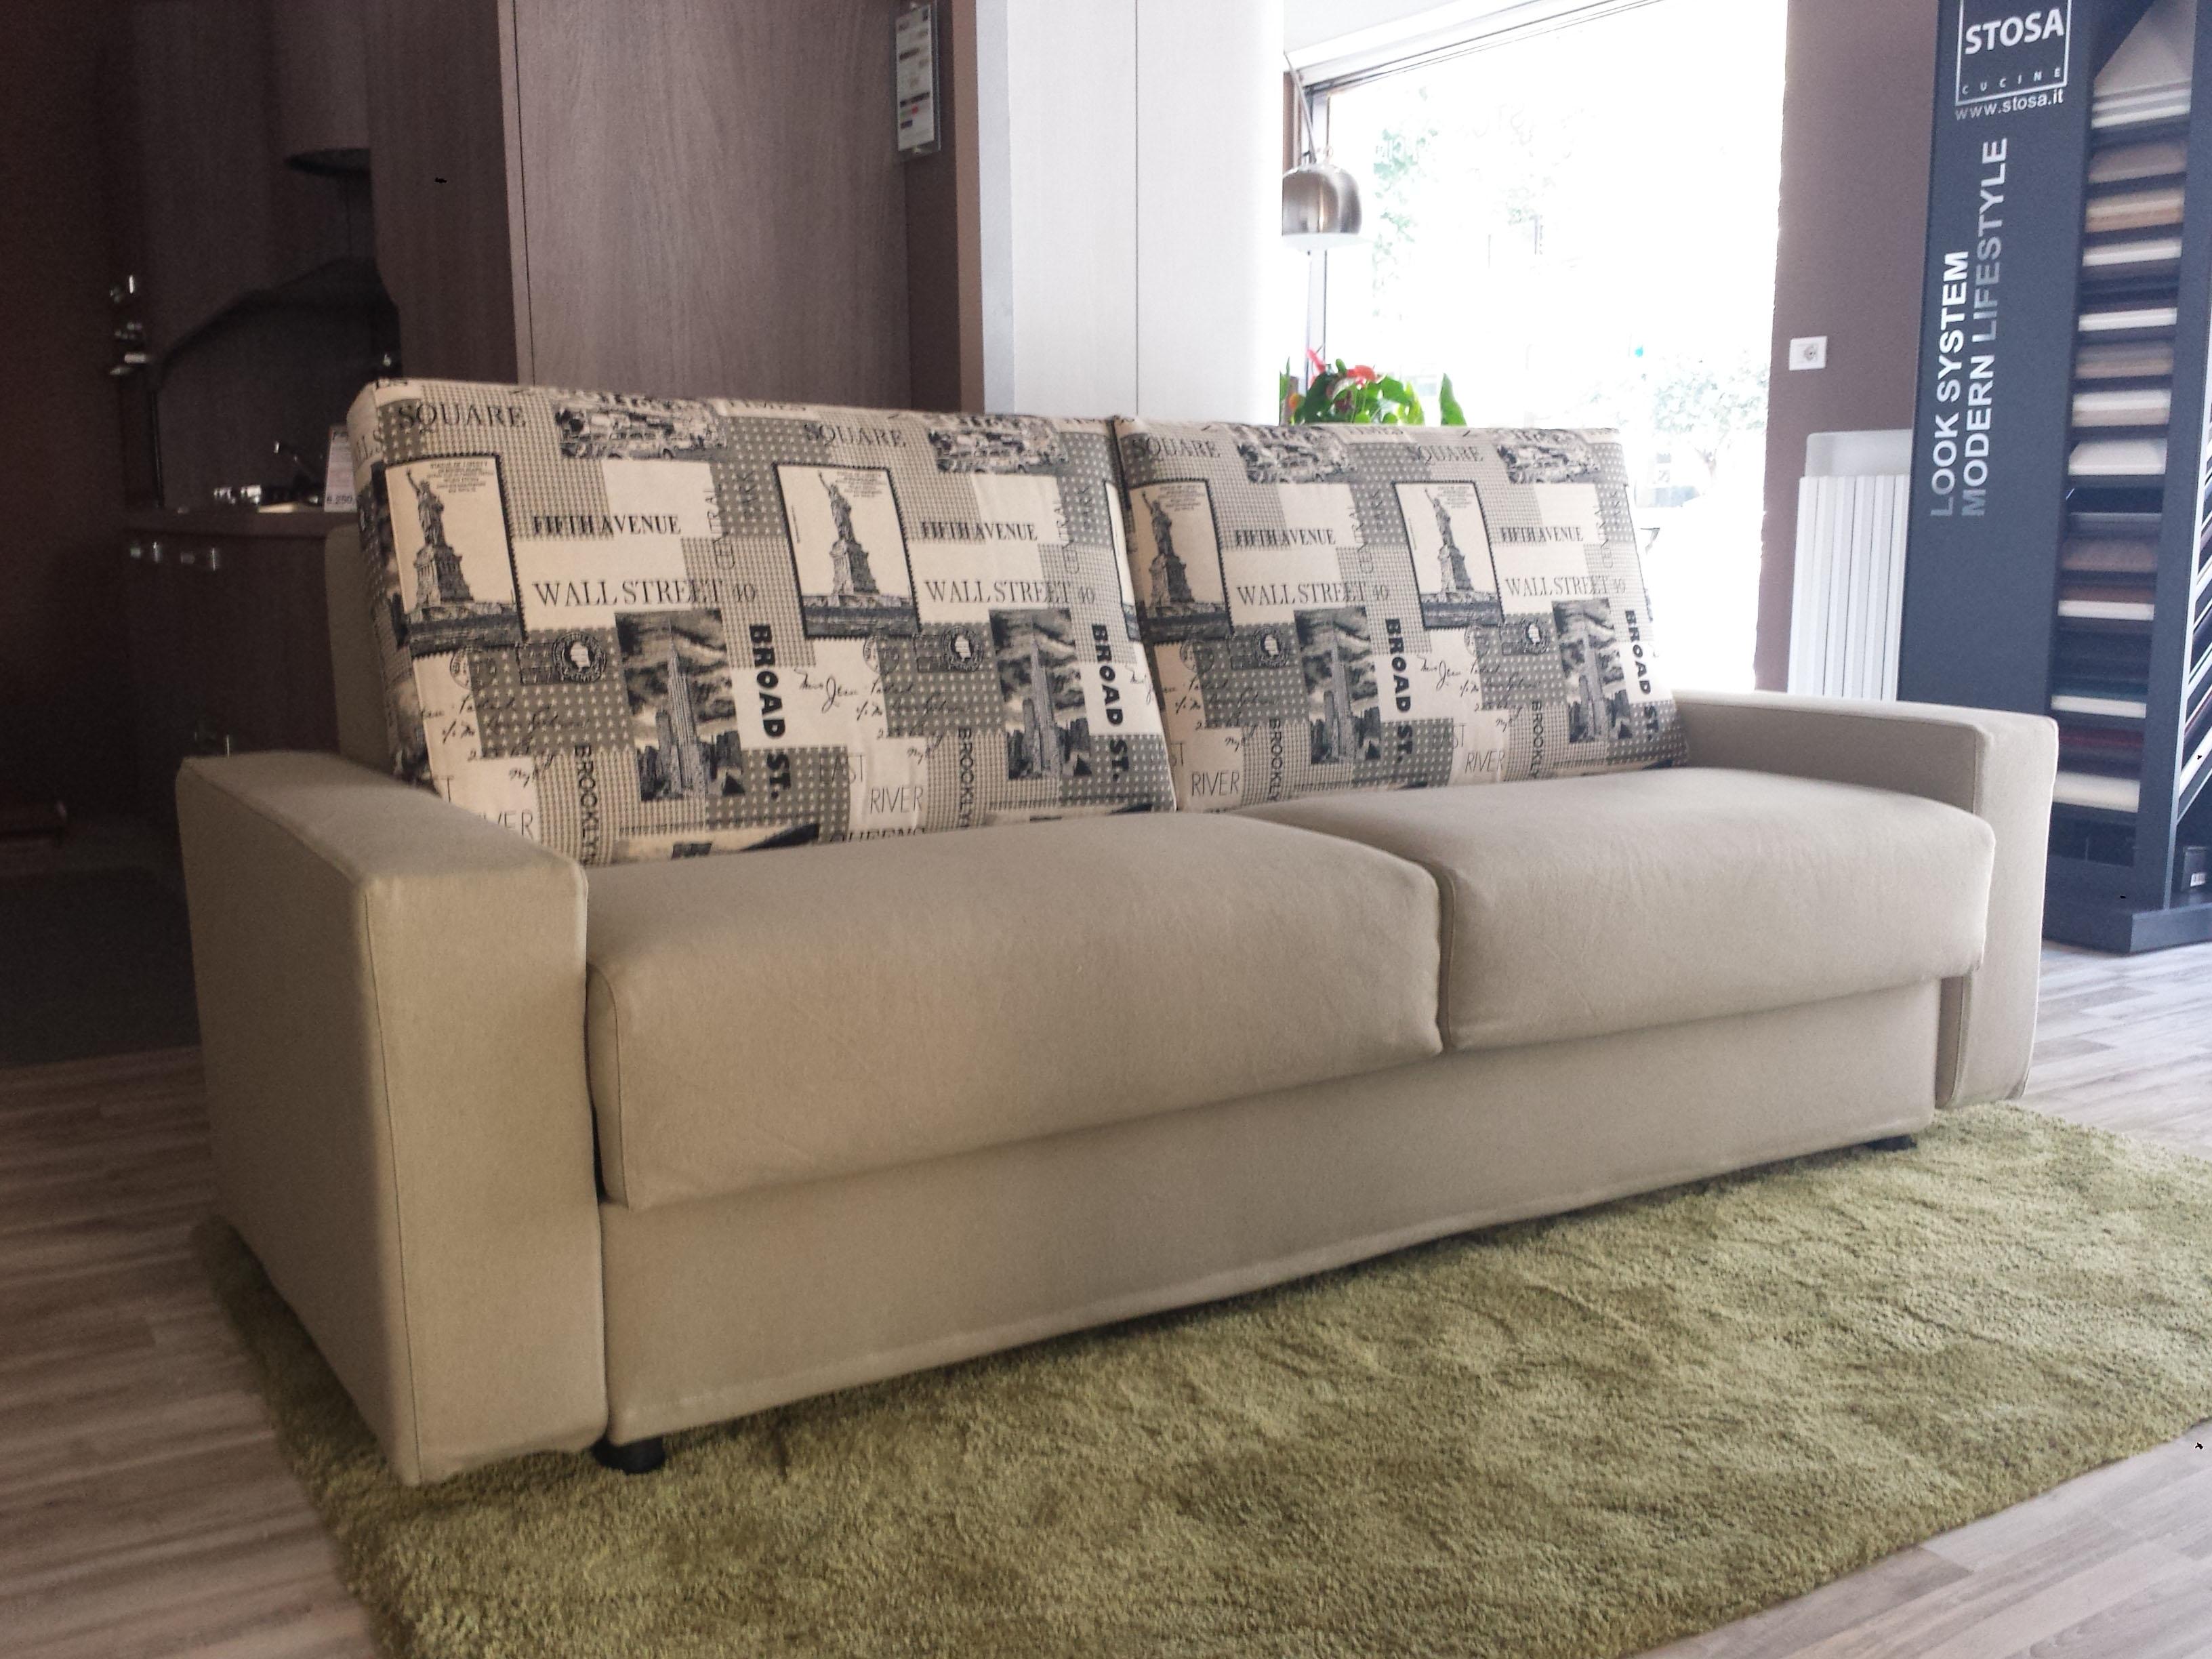 Divano letto artigianale made in italy 20243 divani a - Divano letto smontabile ...